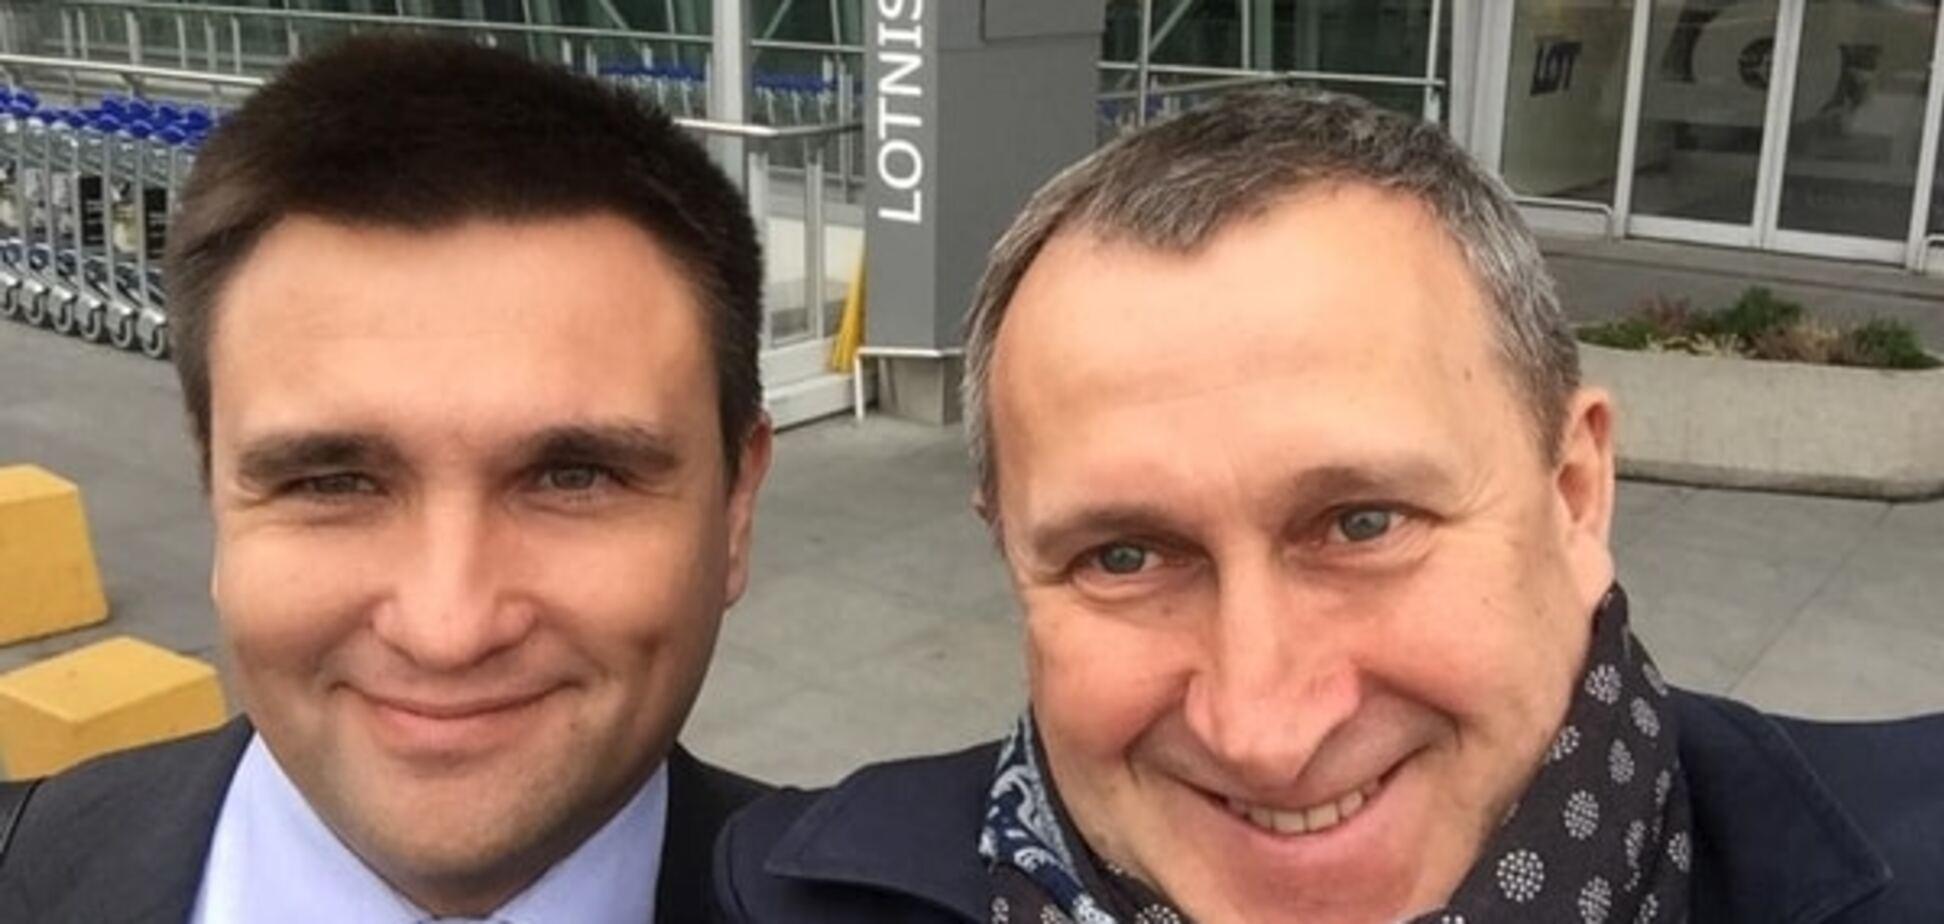 Щасливі дипломати: Клімкін та Дещиця зробили миле селфі в аеропорту